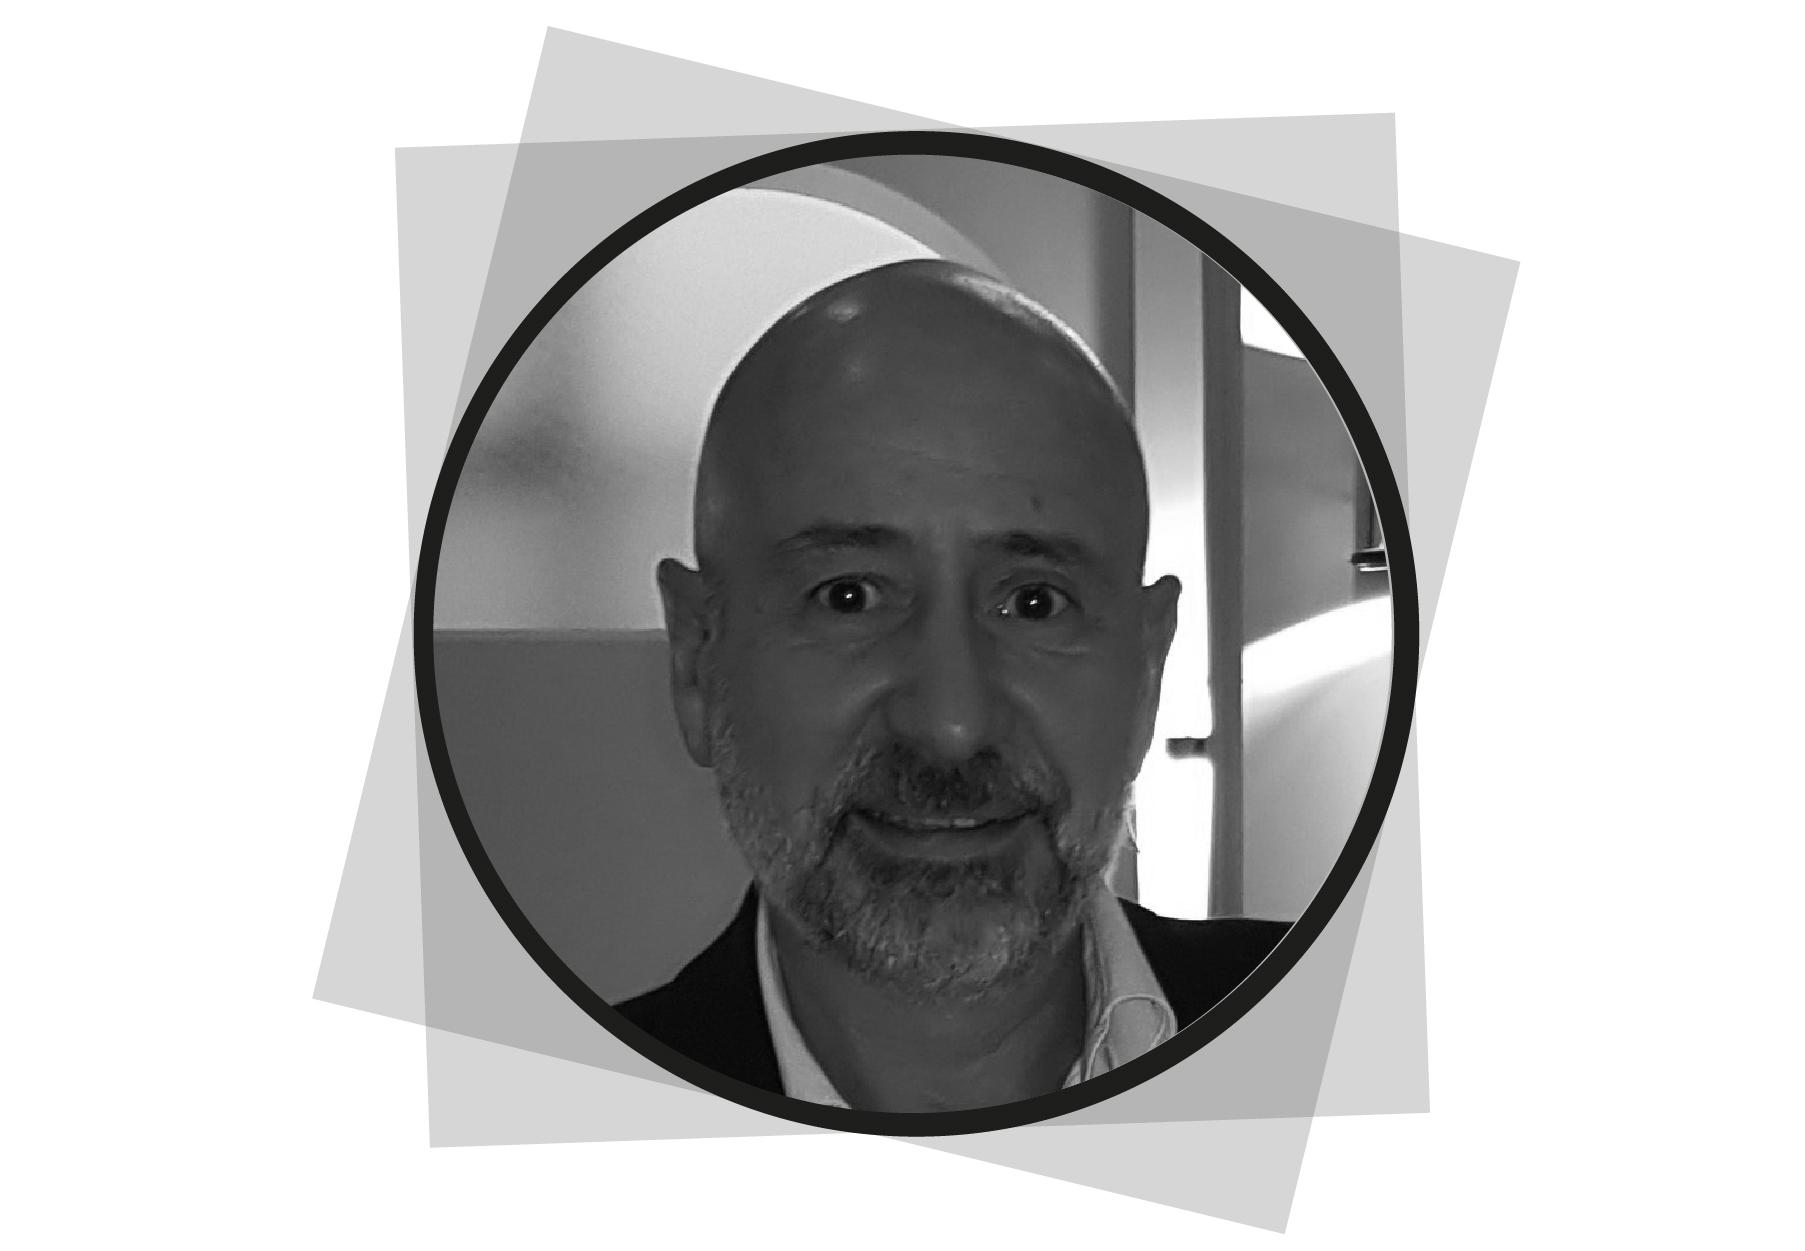 Raffaele Ciampini